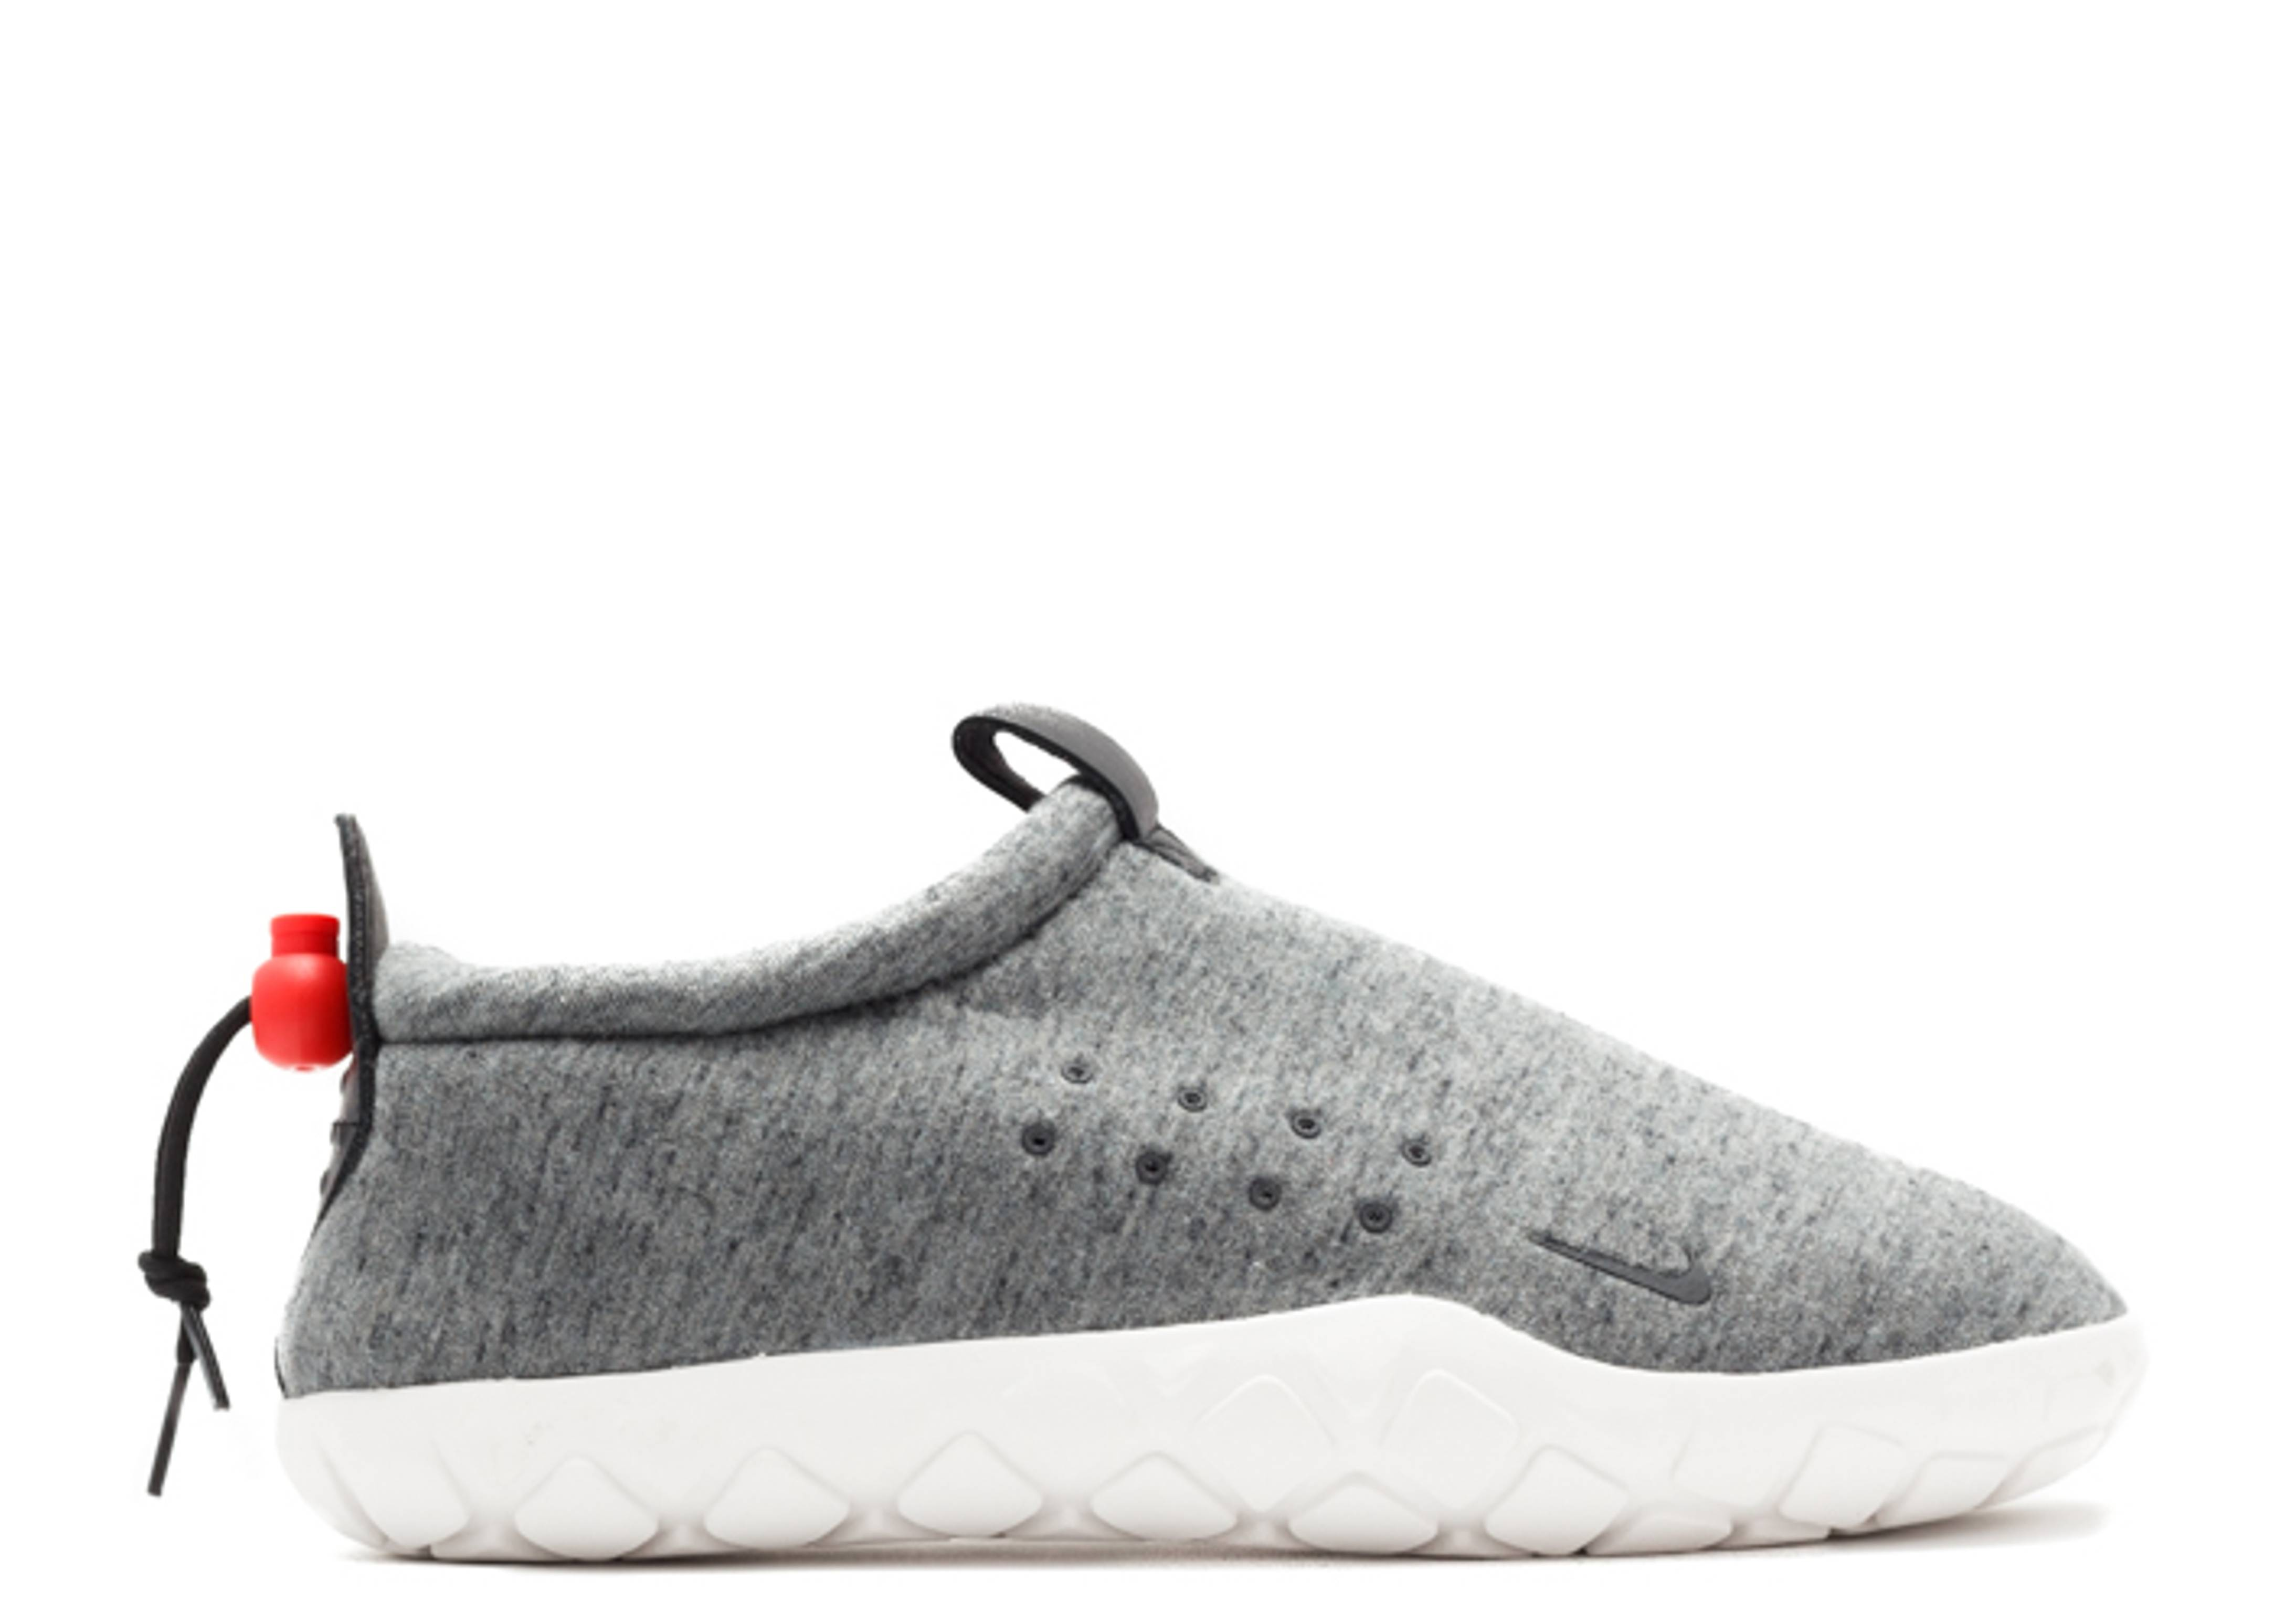 Air Moc Tech Fleece - Nike - 834591 001 - gry hthr blck-wht-unvrs bvtn  542cf03cbf